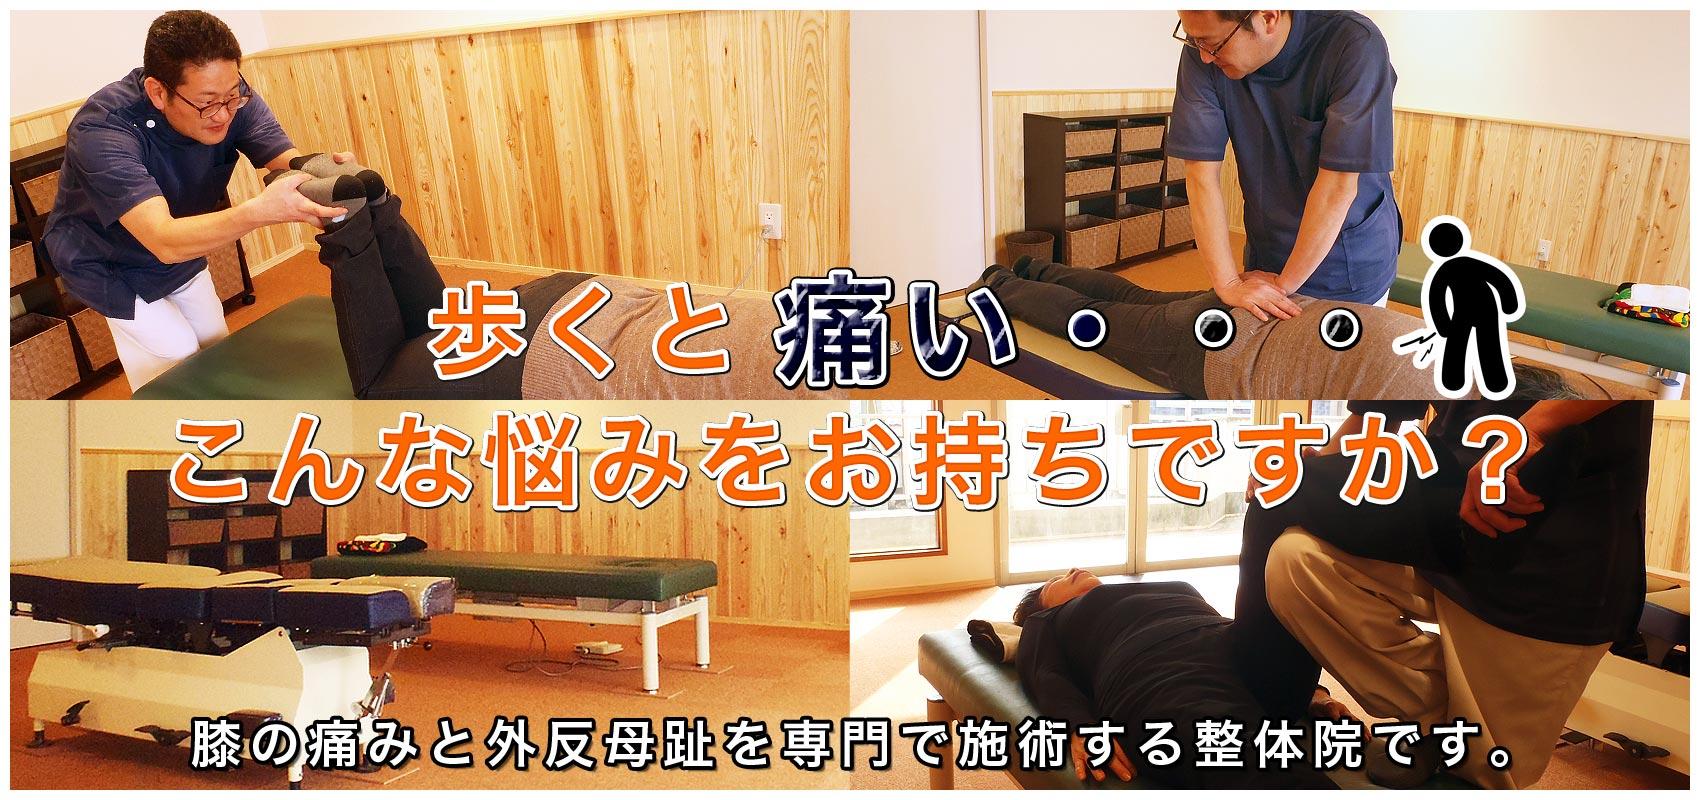 歩くと痛い・・・こんな悩みをお持ちですか?膝の痛みと外反母趾を専門に施術する整体院です。